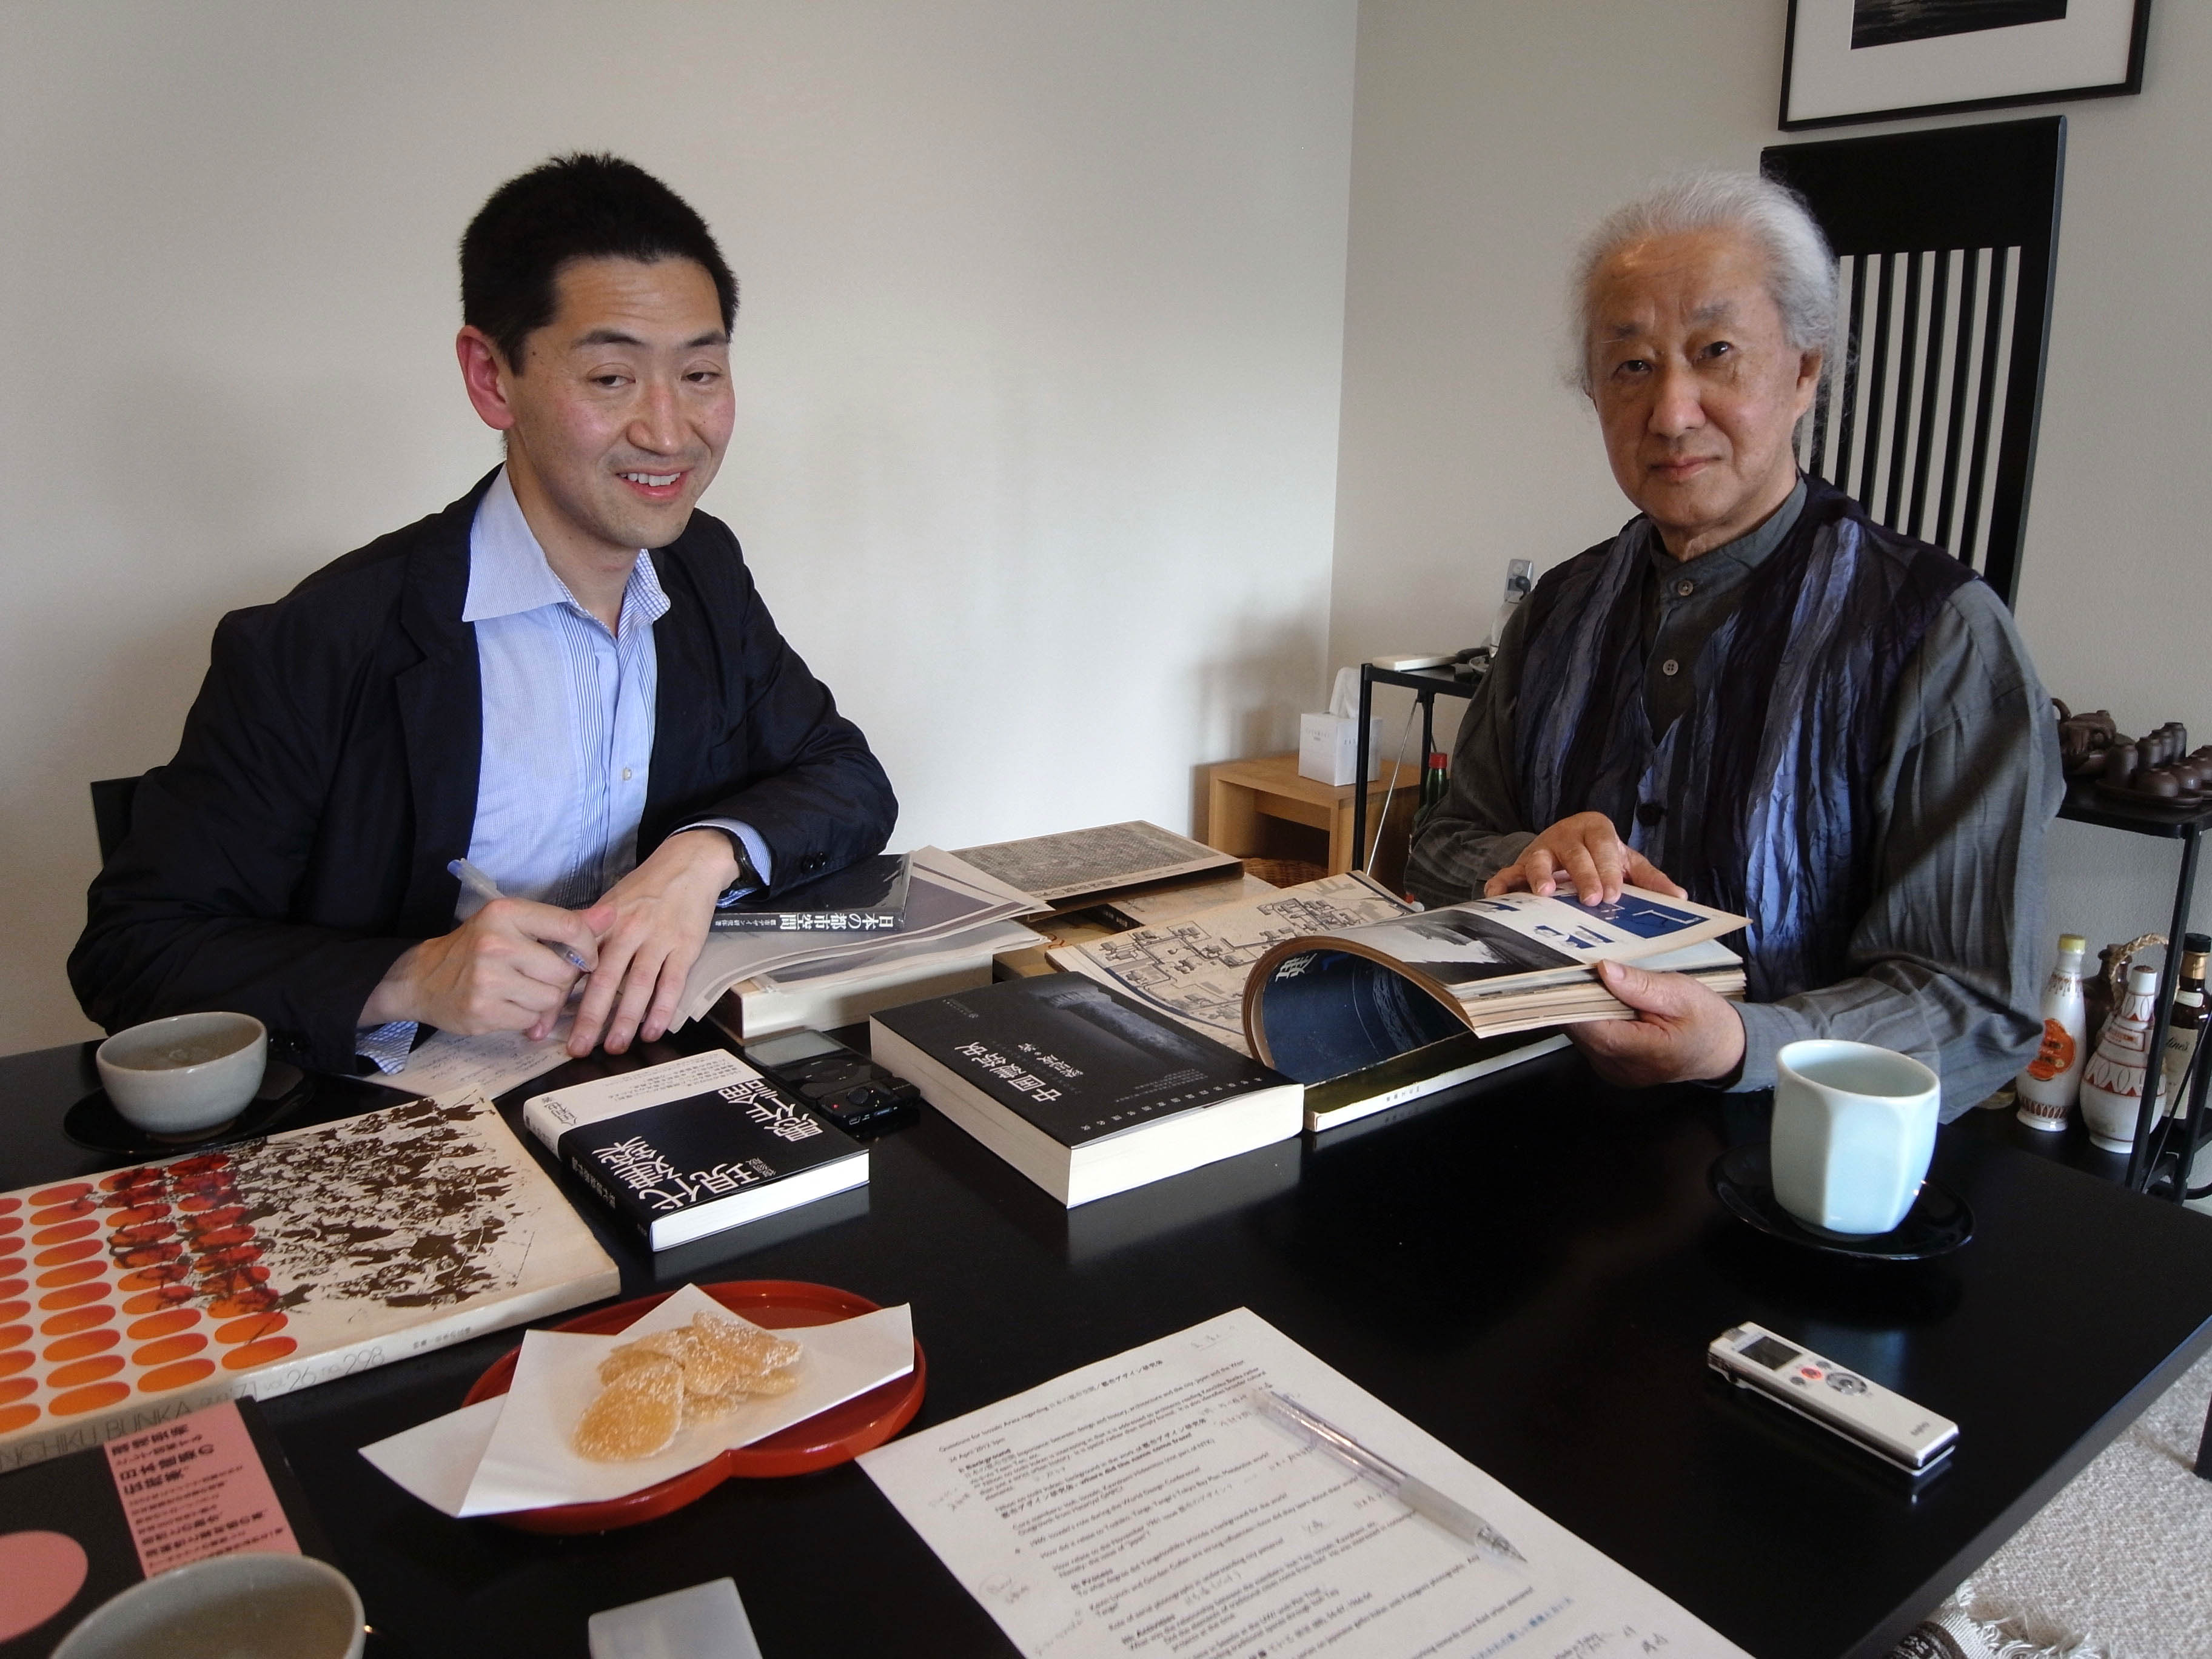 Ken Oshima with Arata Isozaki